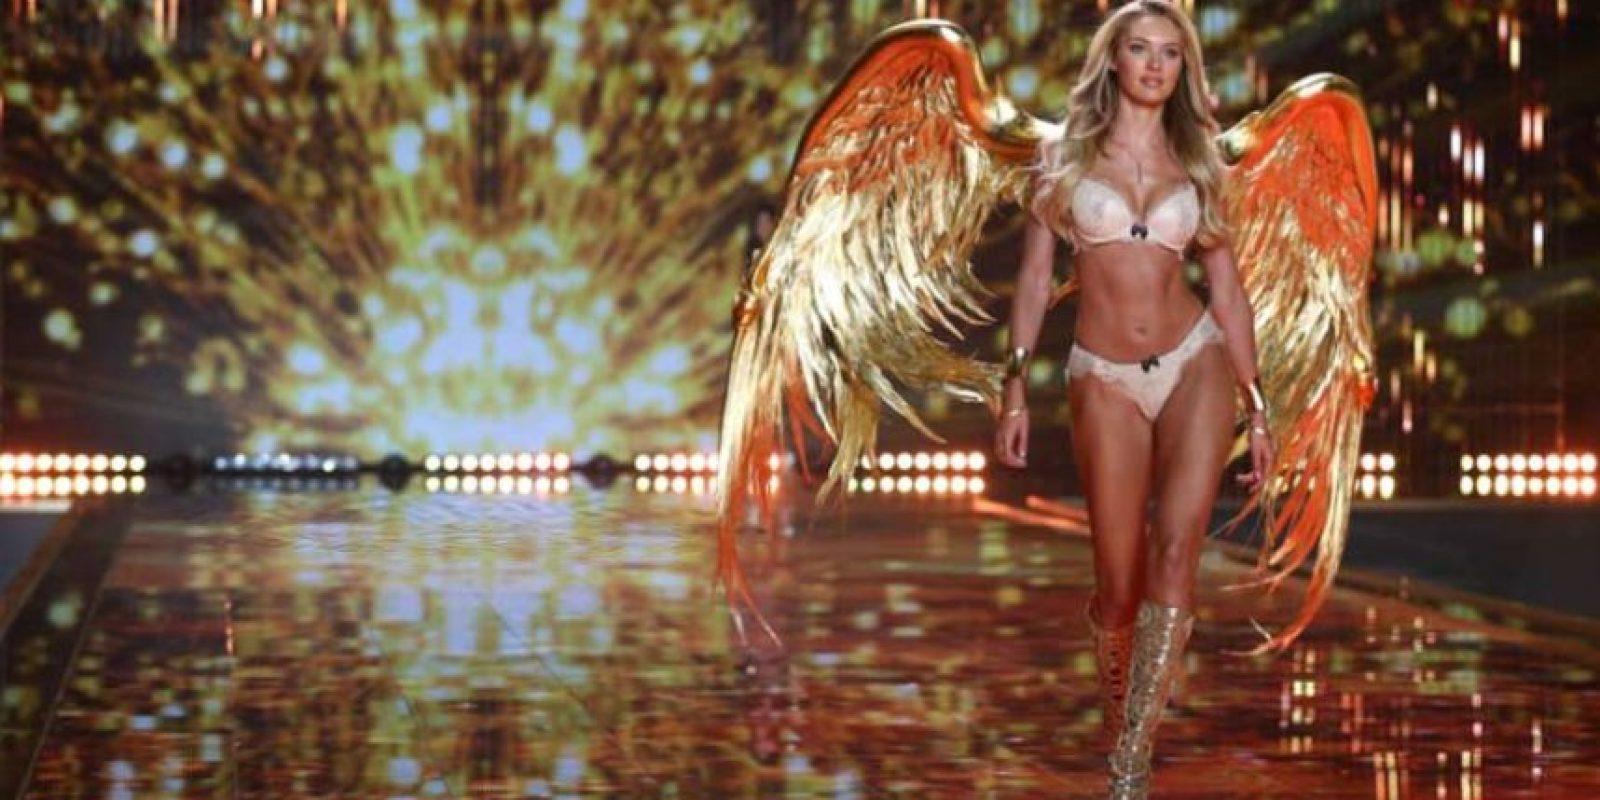 """Una exfotógrafa de Victoria's Secret reveló cómo es que las modelos de esta firma de lencería consiguen su """"belleza"""". Foto:Getty Images"""